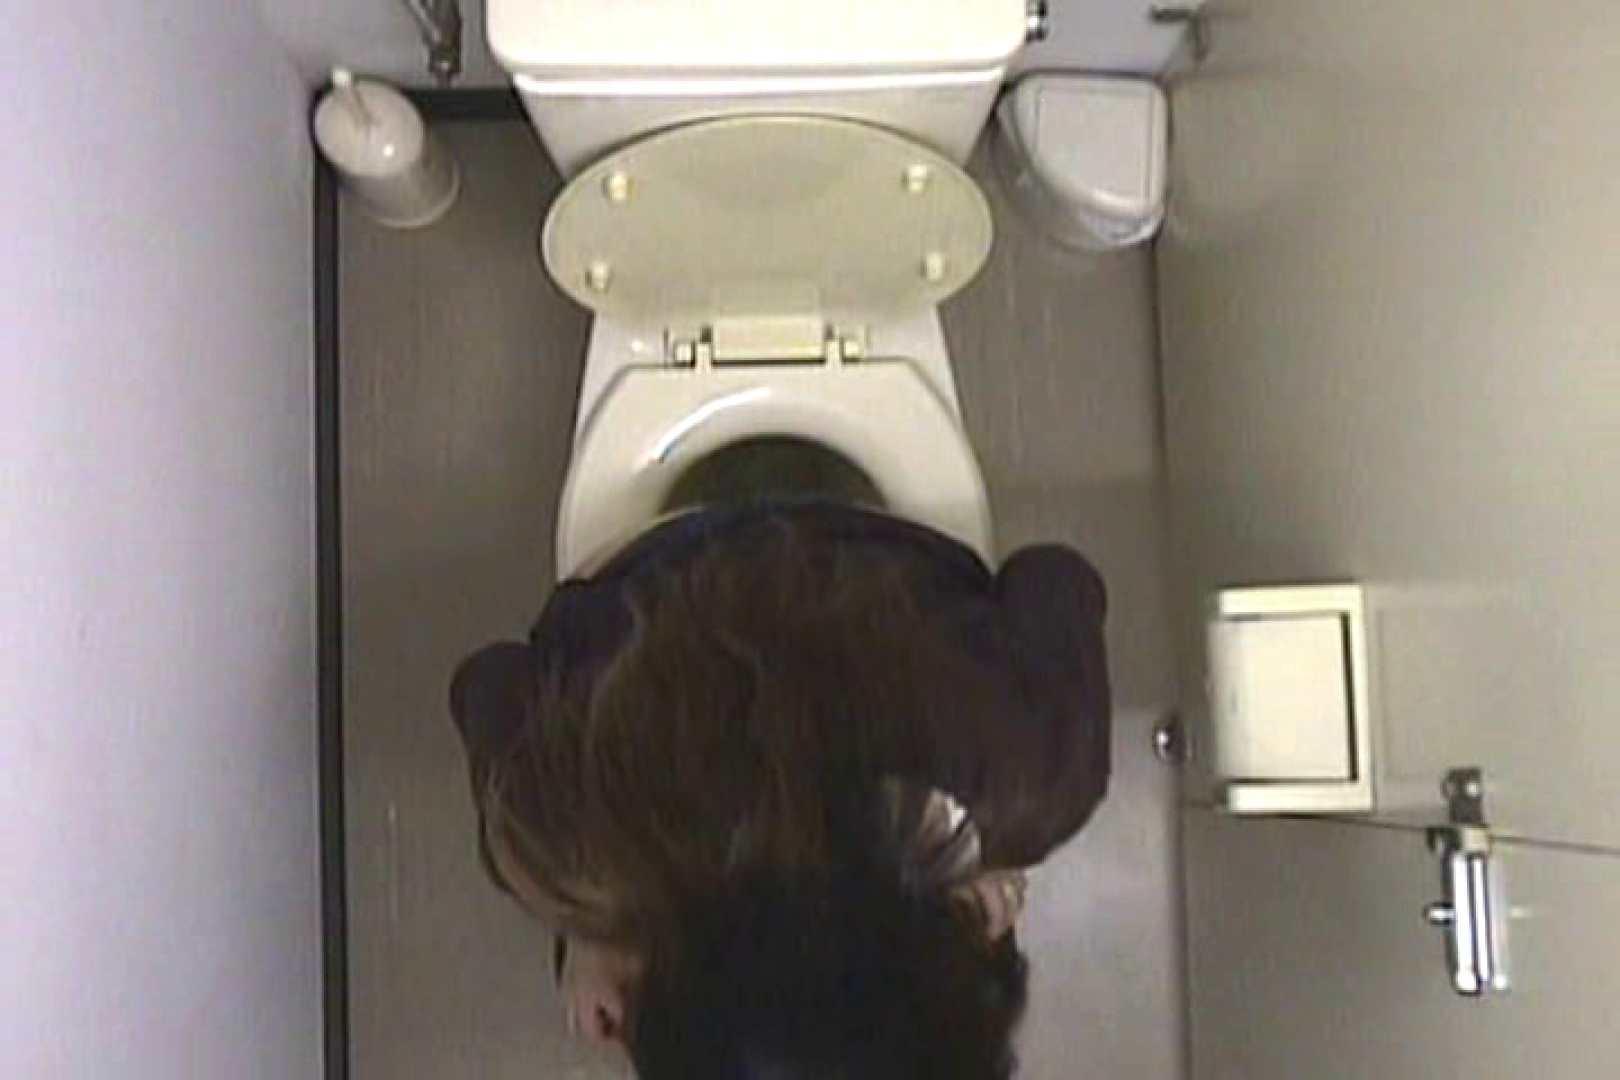 雑居ビル洗面所オナニーVol.4 オナニーする女性たち 盗撮セックス無修正動画無料 62画像 33